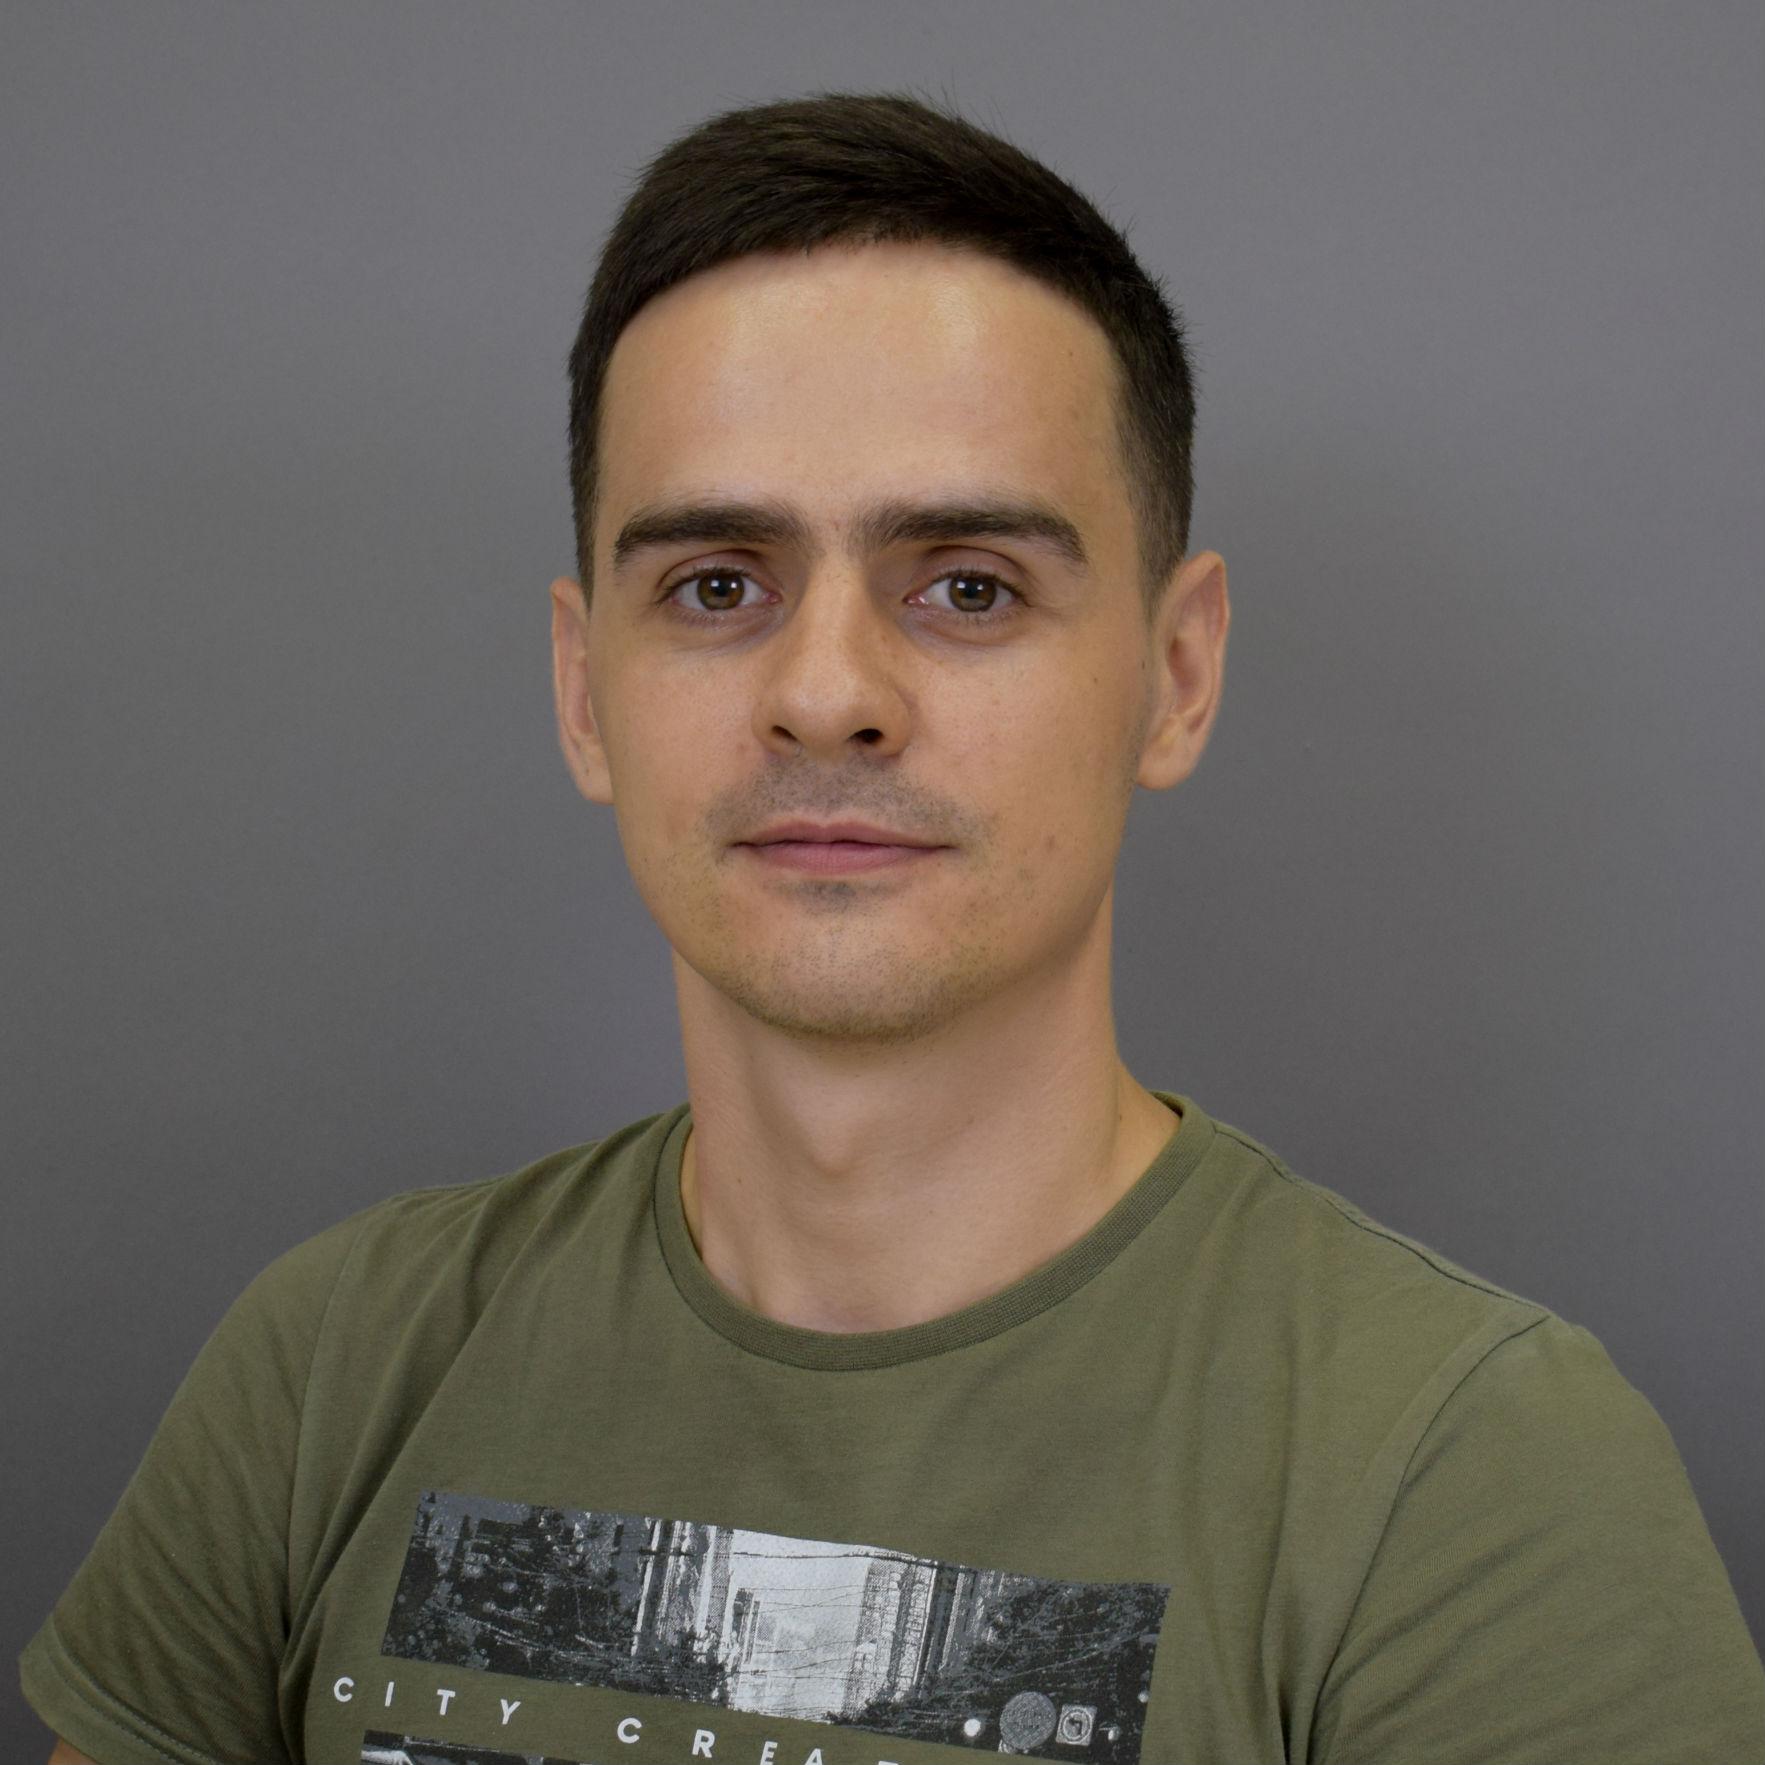 Олег Безбородов